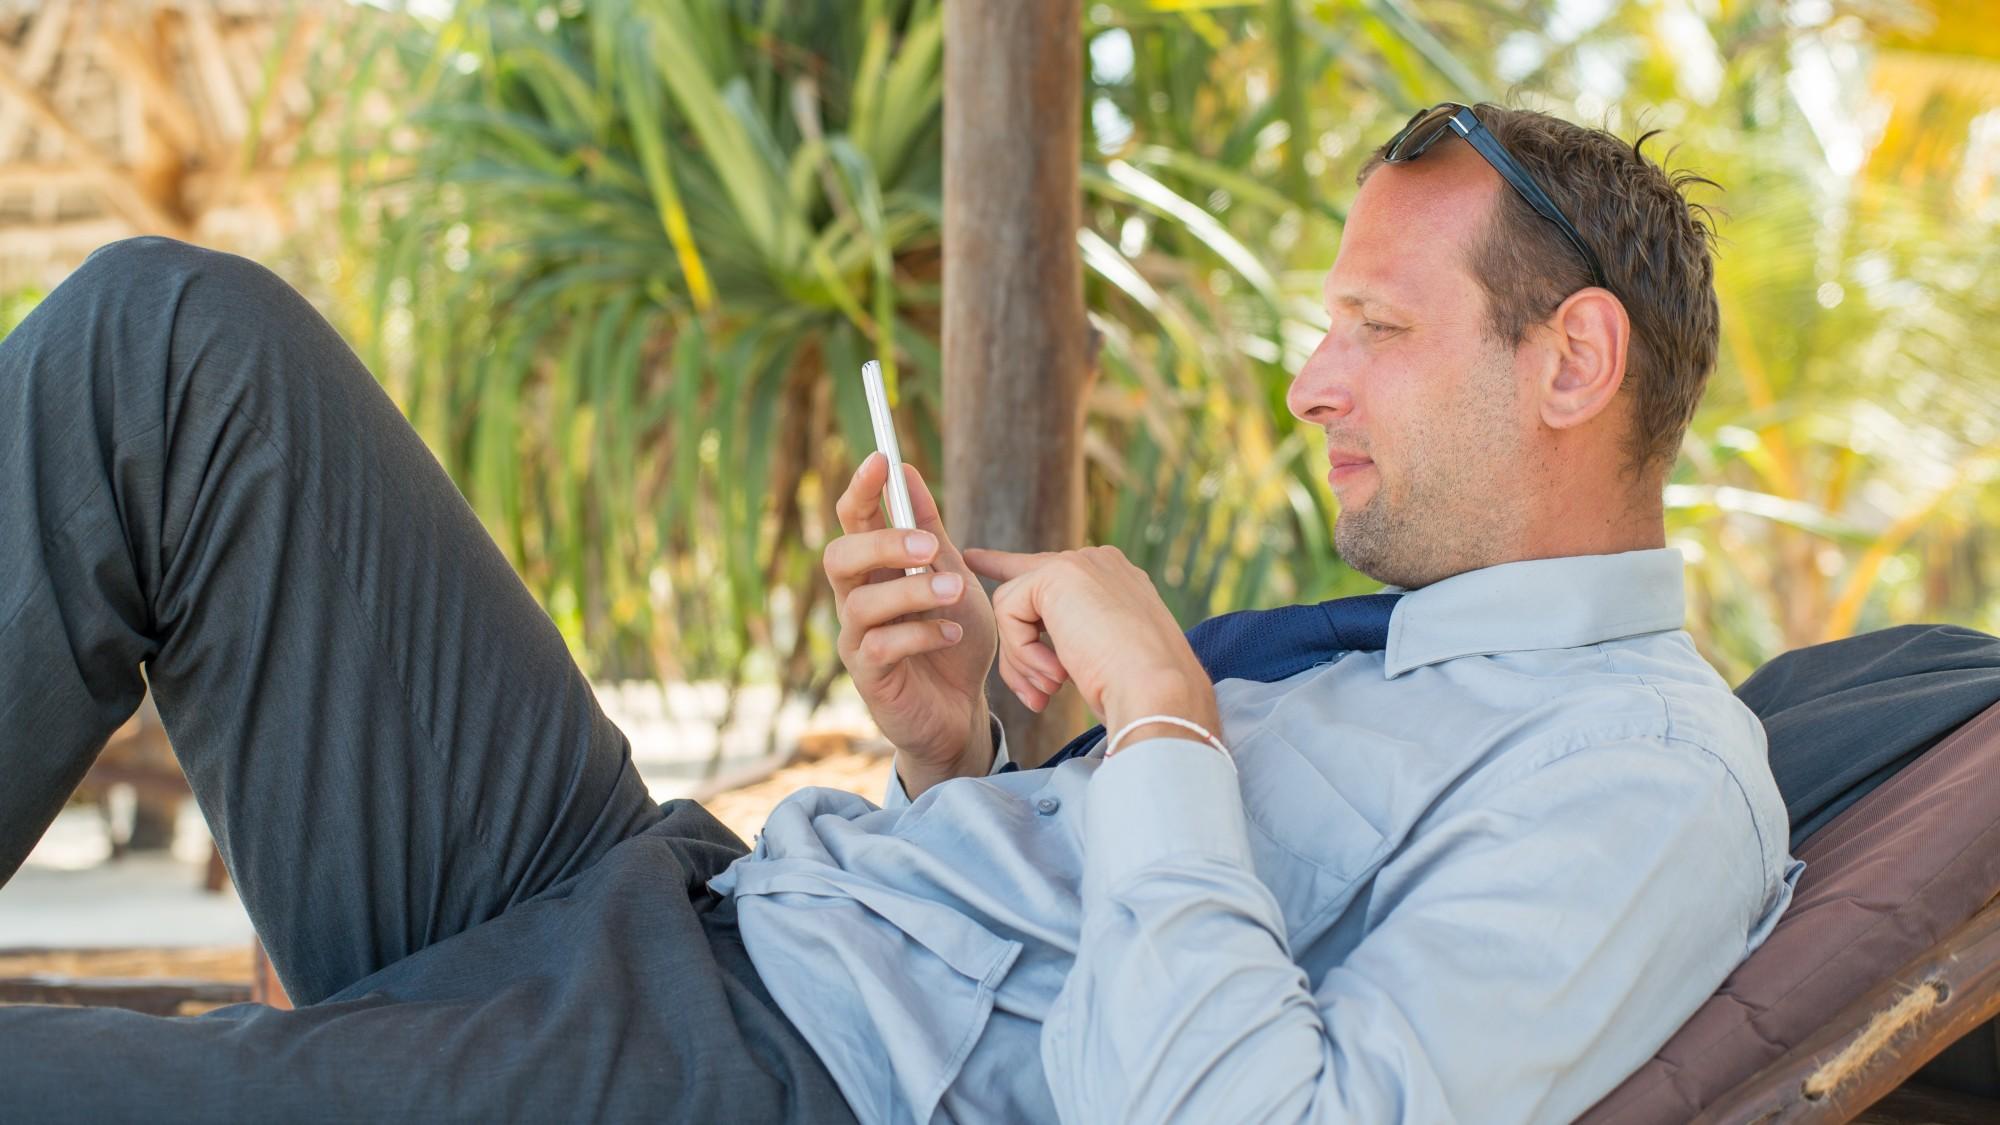 סקר אינטרנטי מתאים לכל מקום ולכל זמן. בניגוד לתזמון של הסוקר בטלפון.